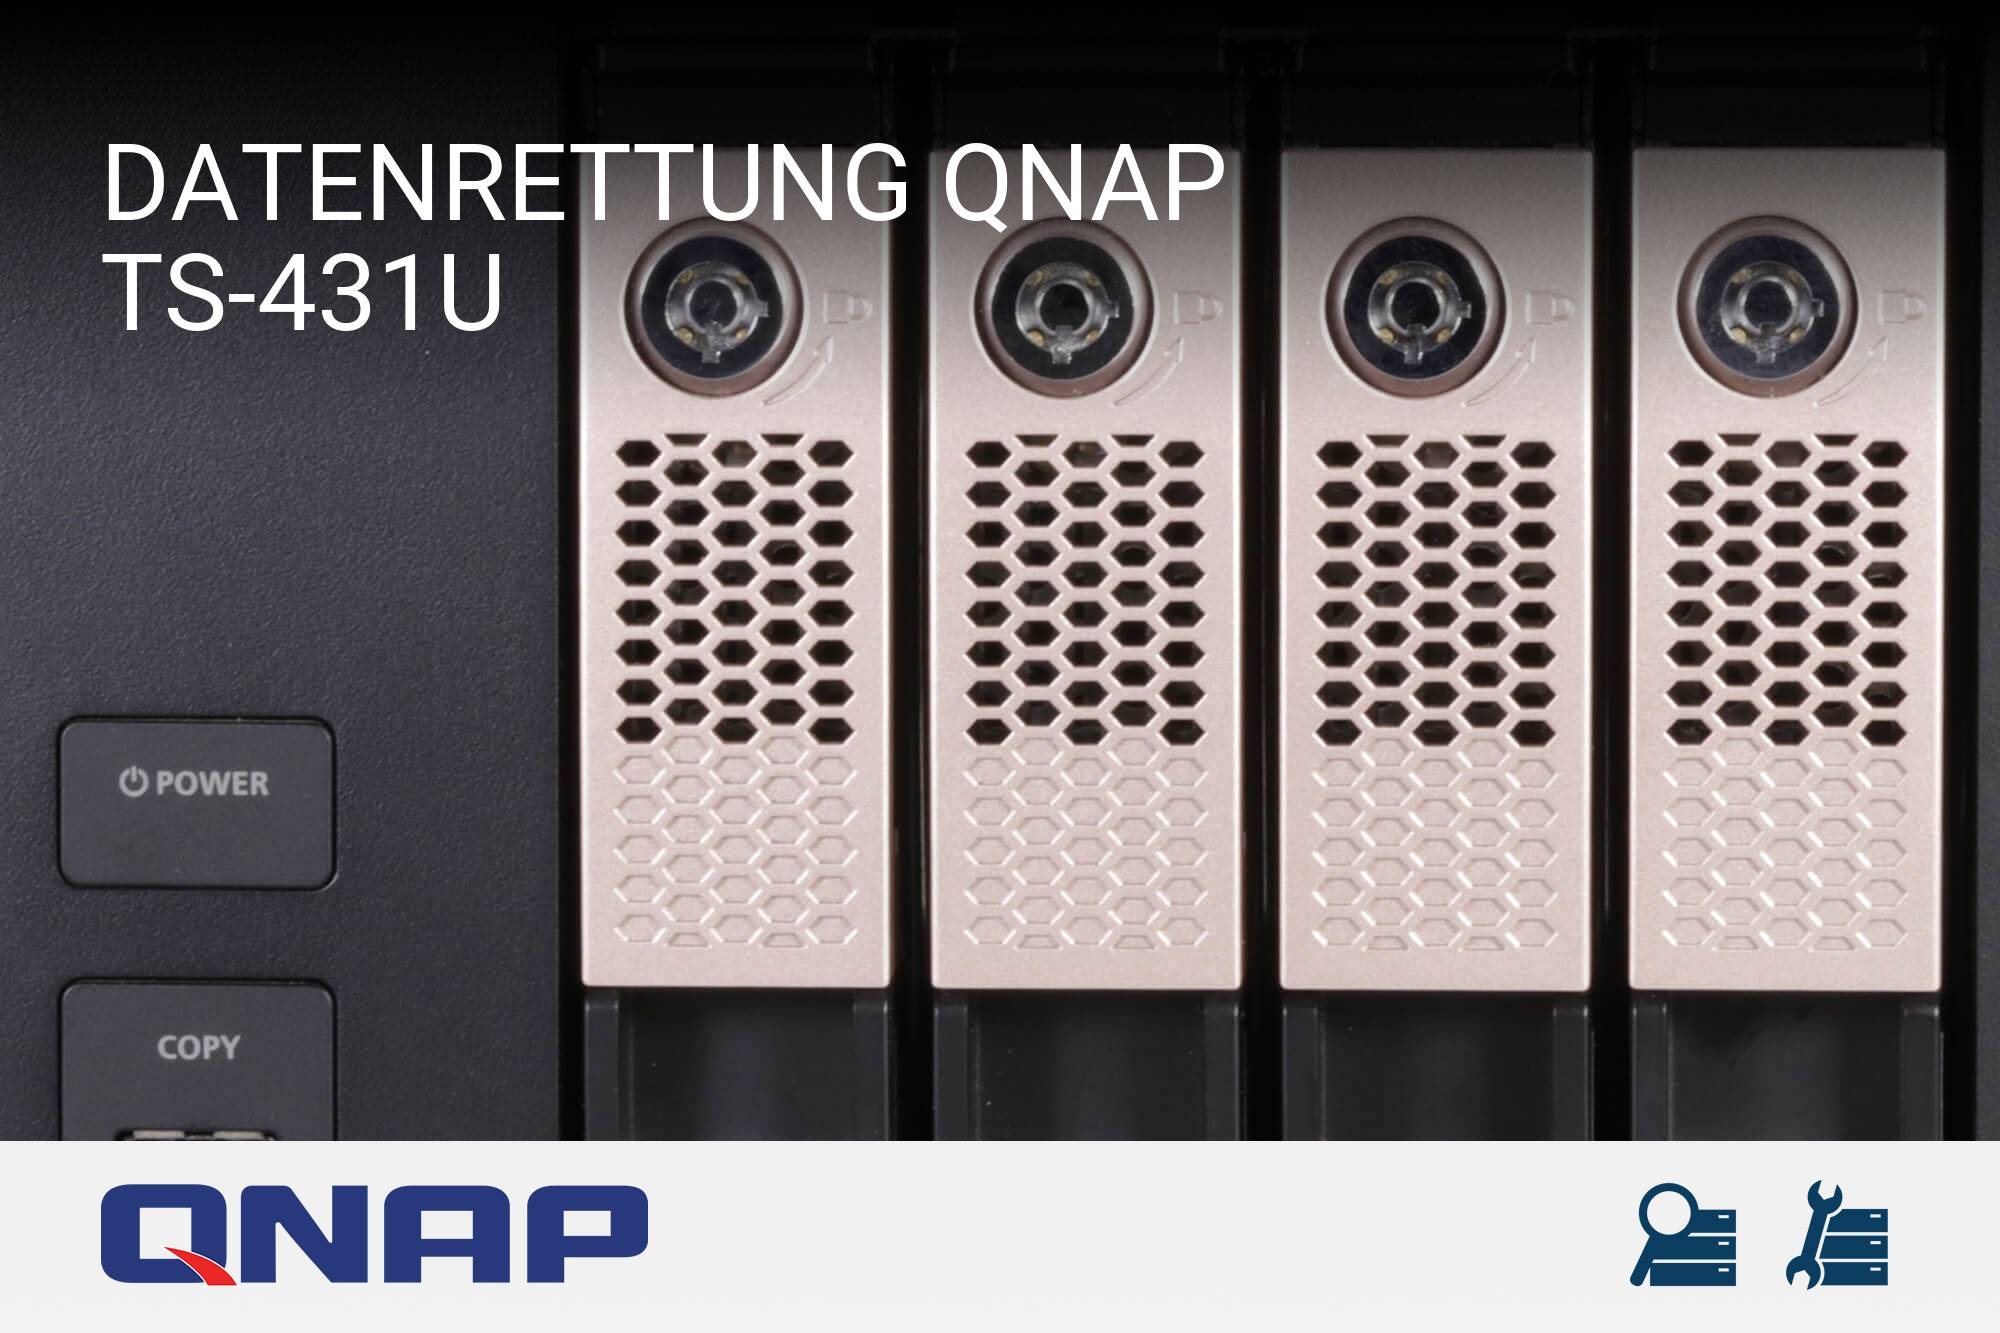 QNAP TS-431U